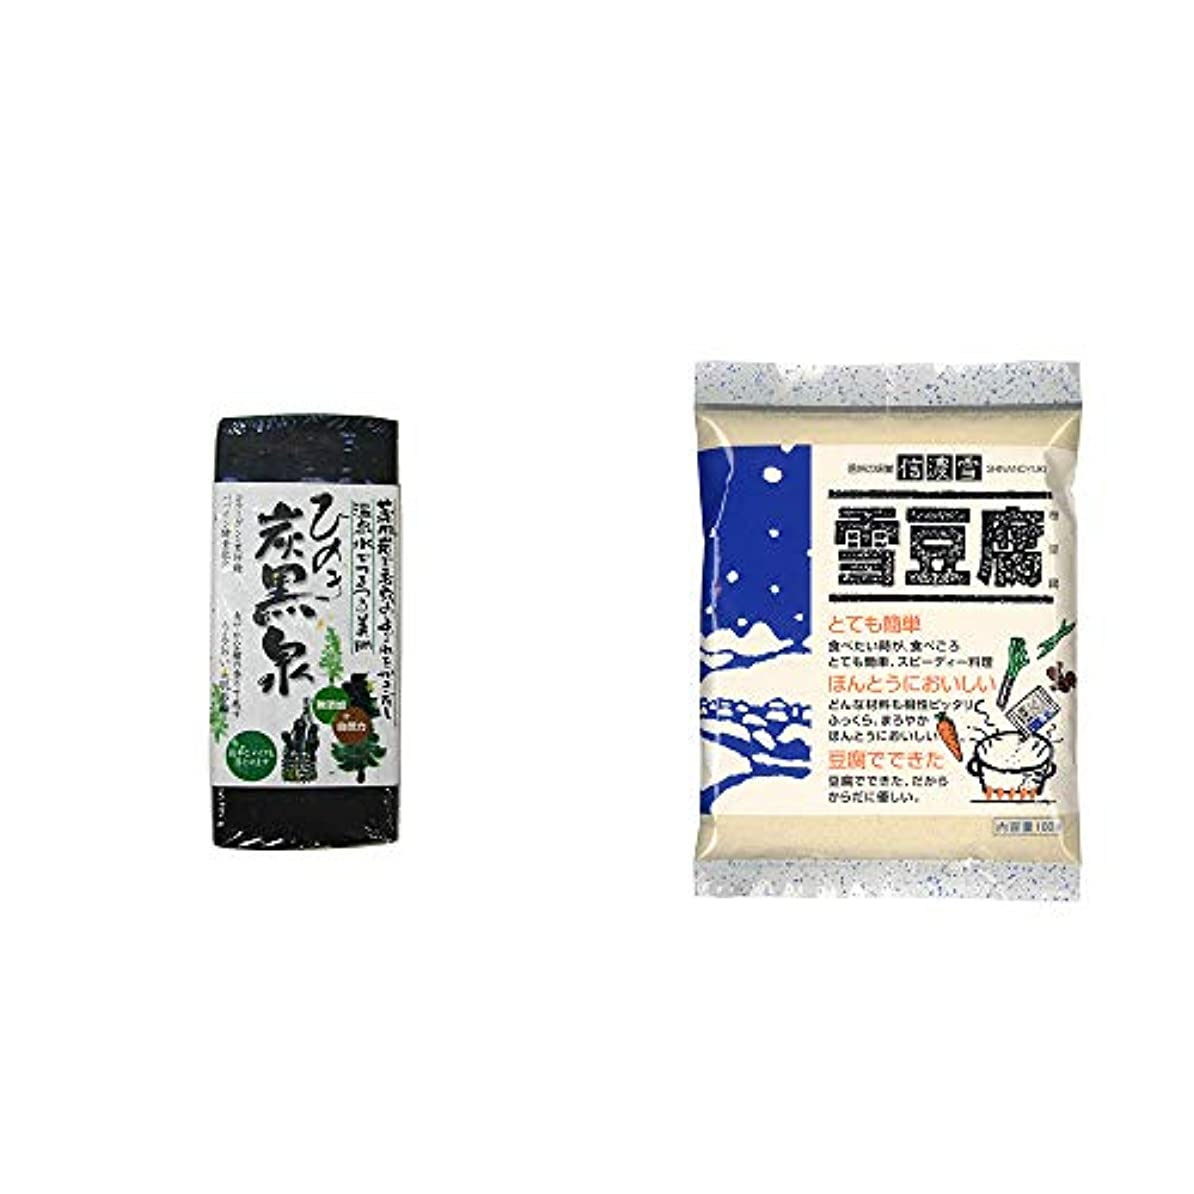 本土タヒチ致命的な[2点セット] ひのき炭黒泉(75g×2)?信濃雪 雪豆腐(粉豆腐)(100g)